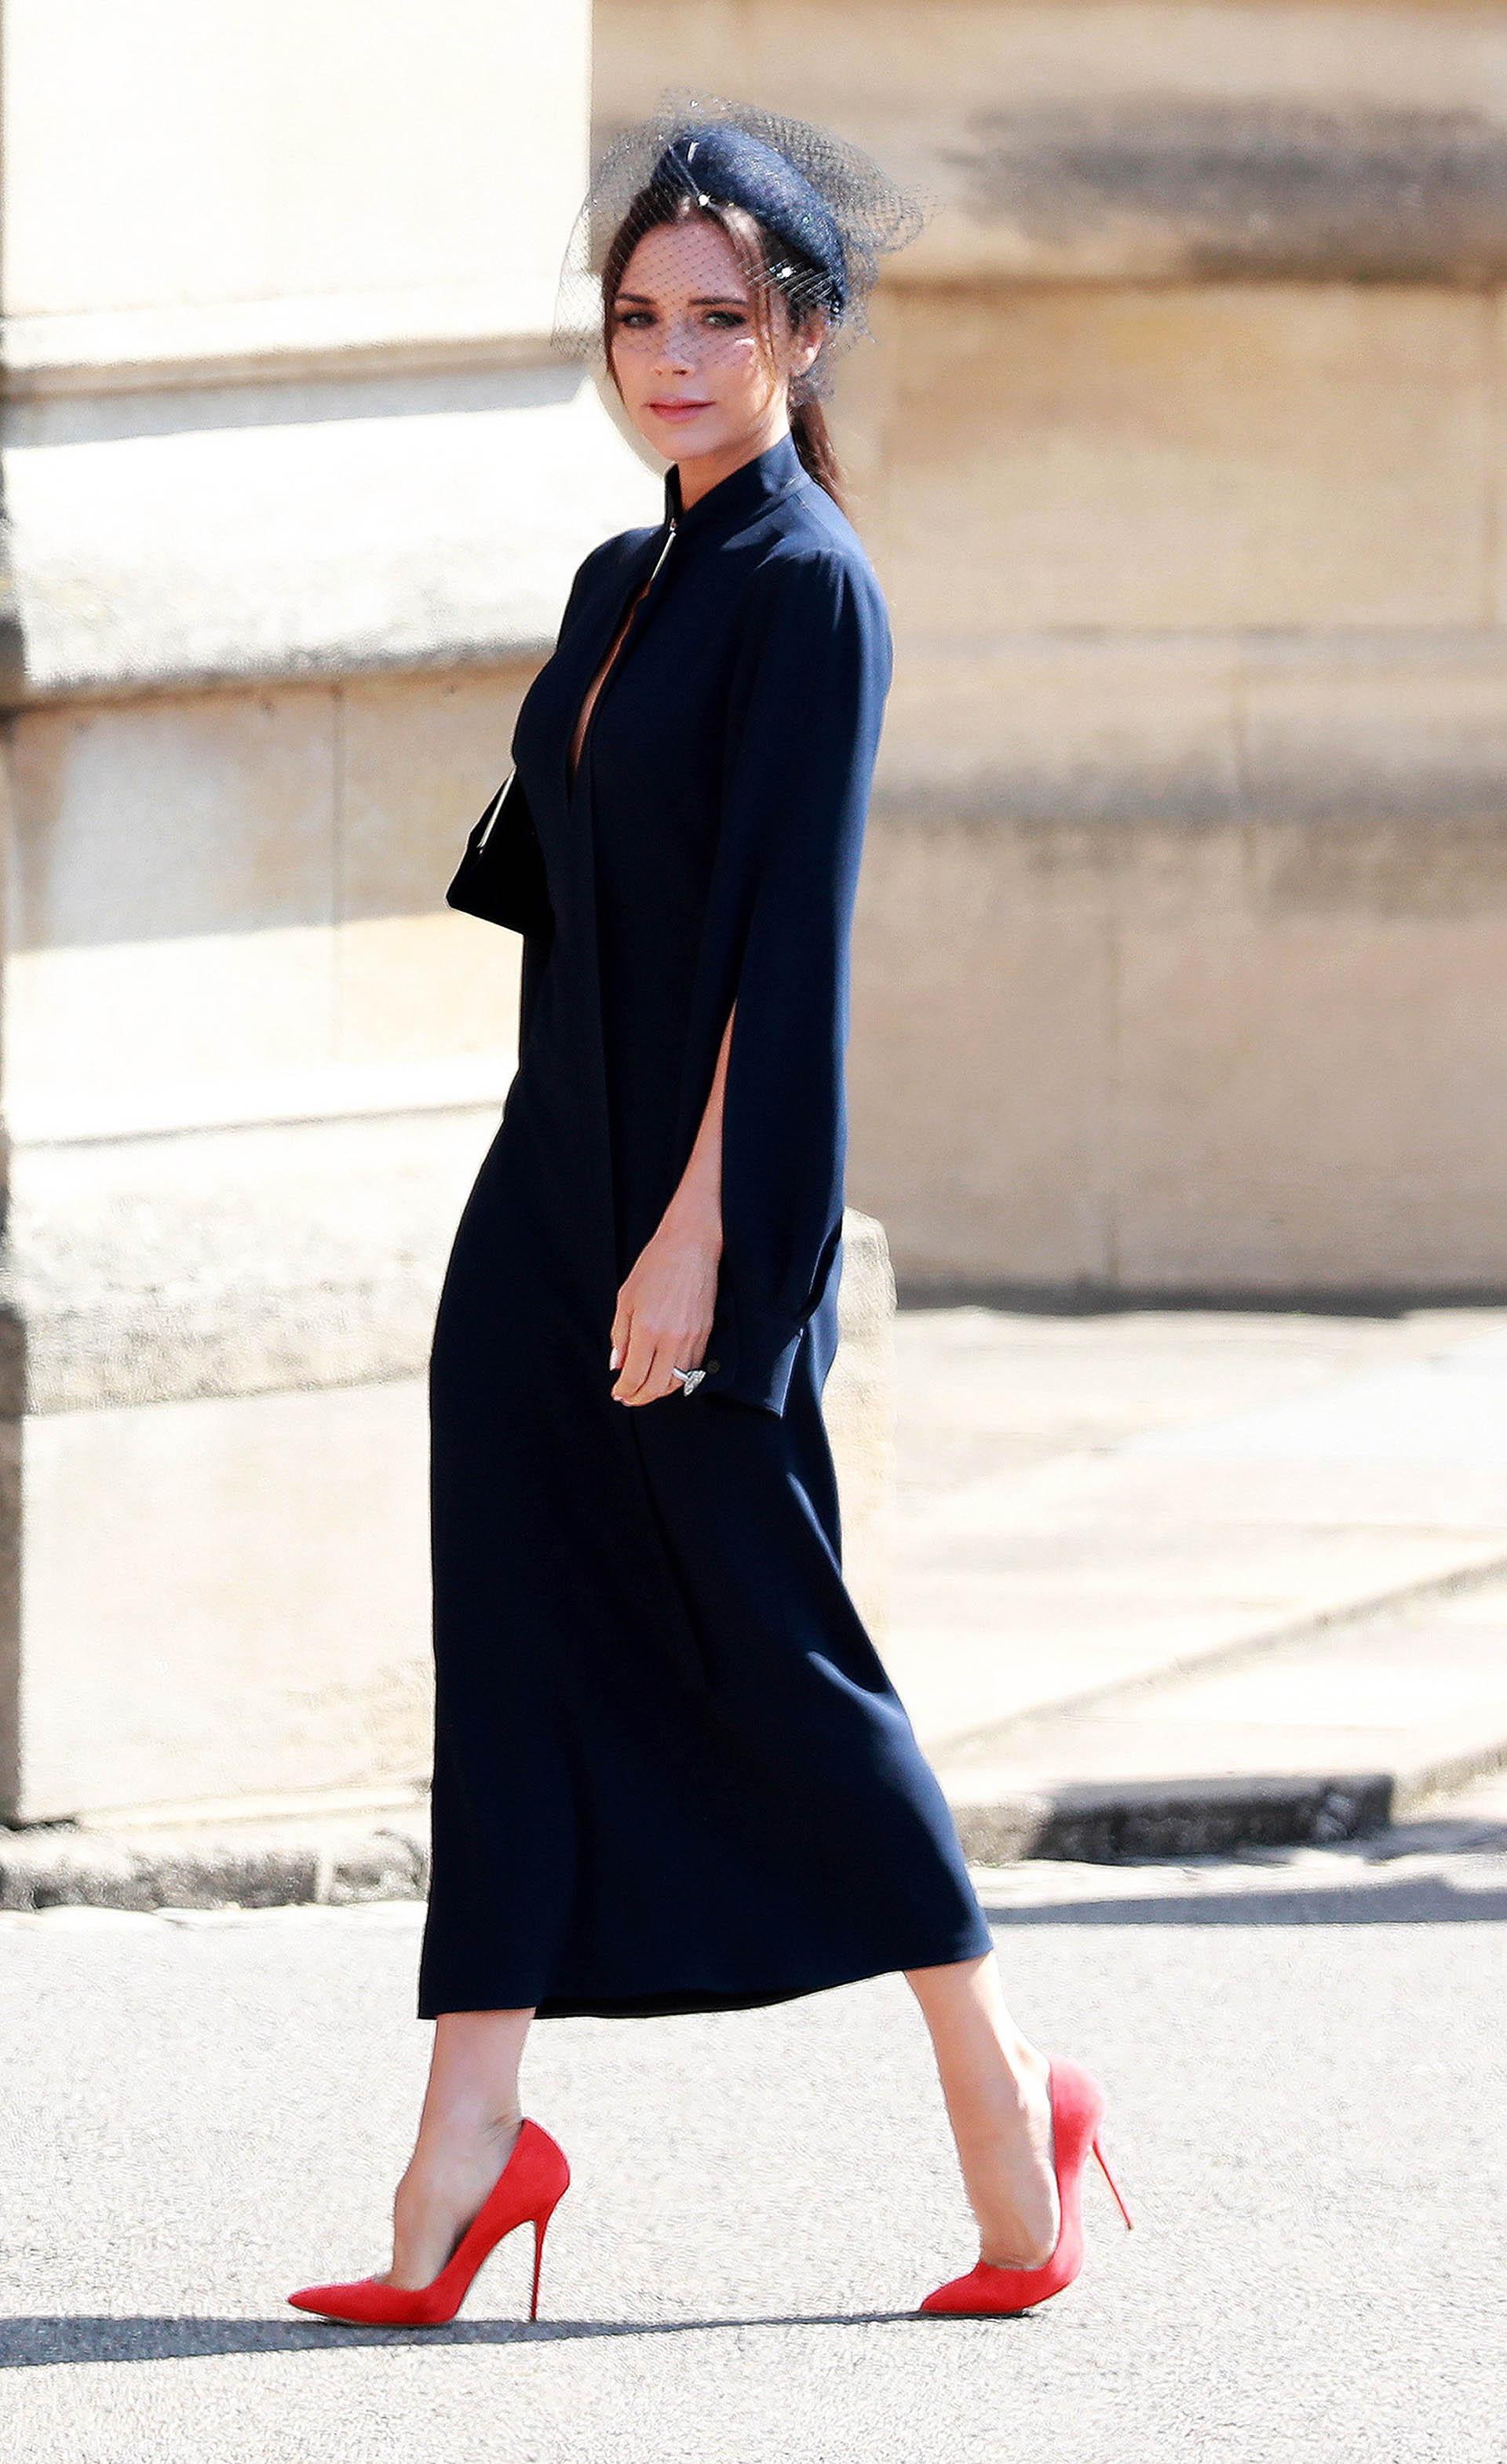 Victoria Beckham en azul ystilettoscolorados, entre las más elegantes (EFE)